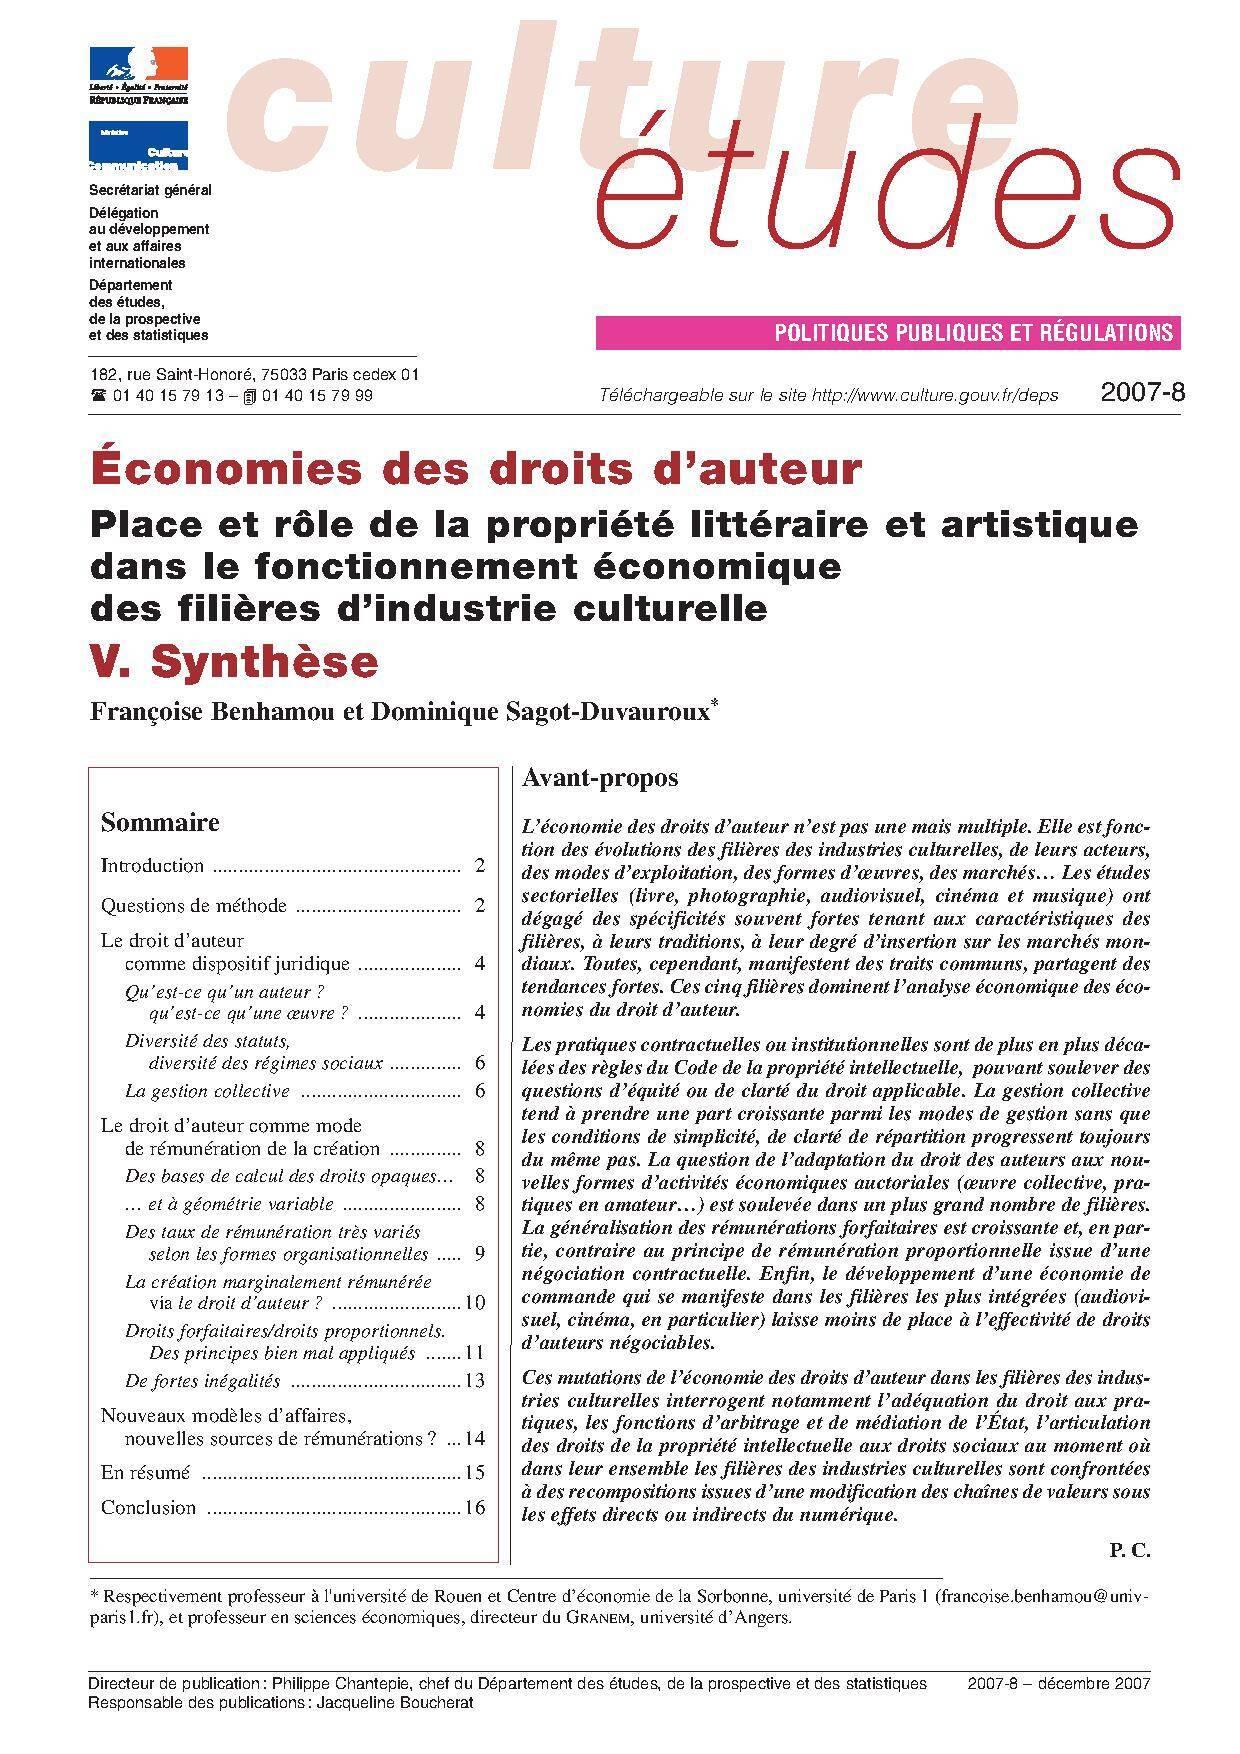 V. Économies des droits d'auteur : Synthèse